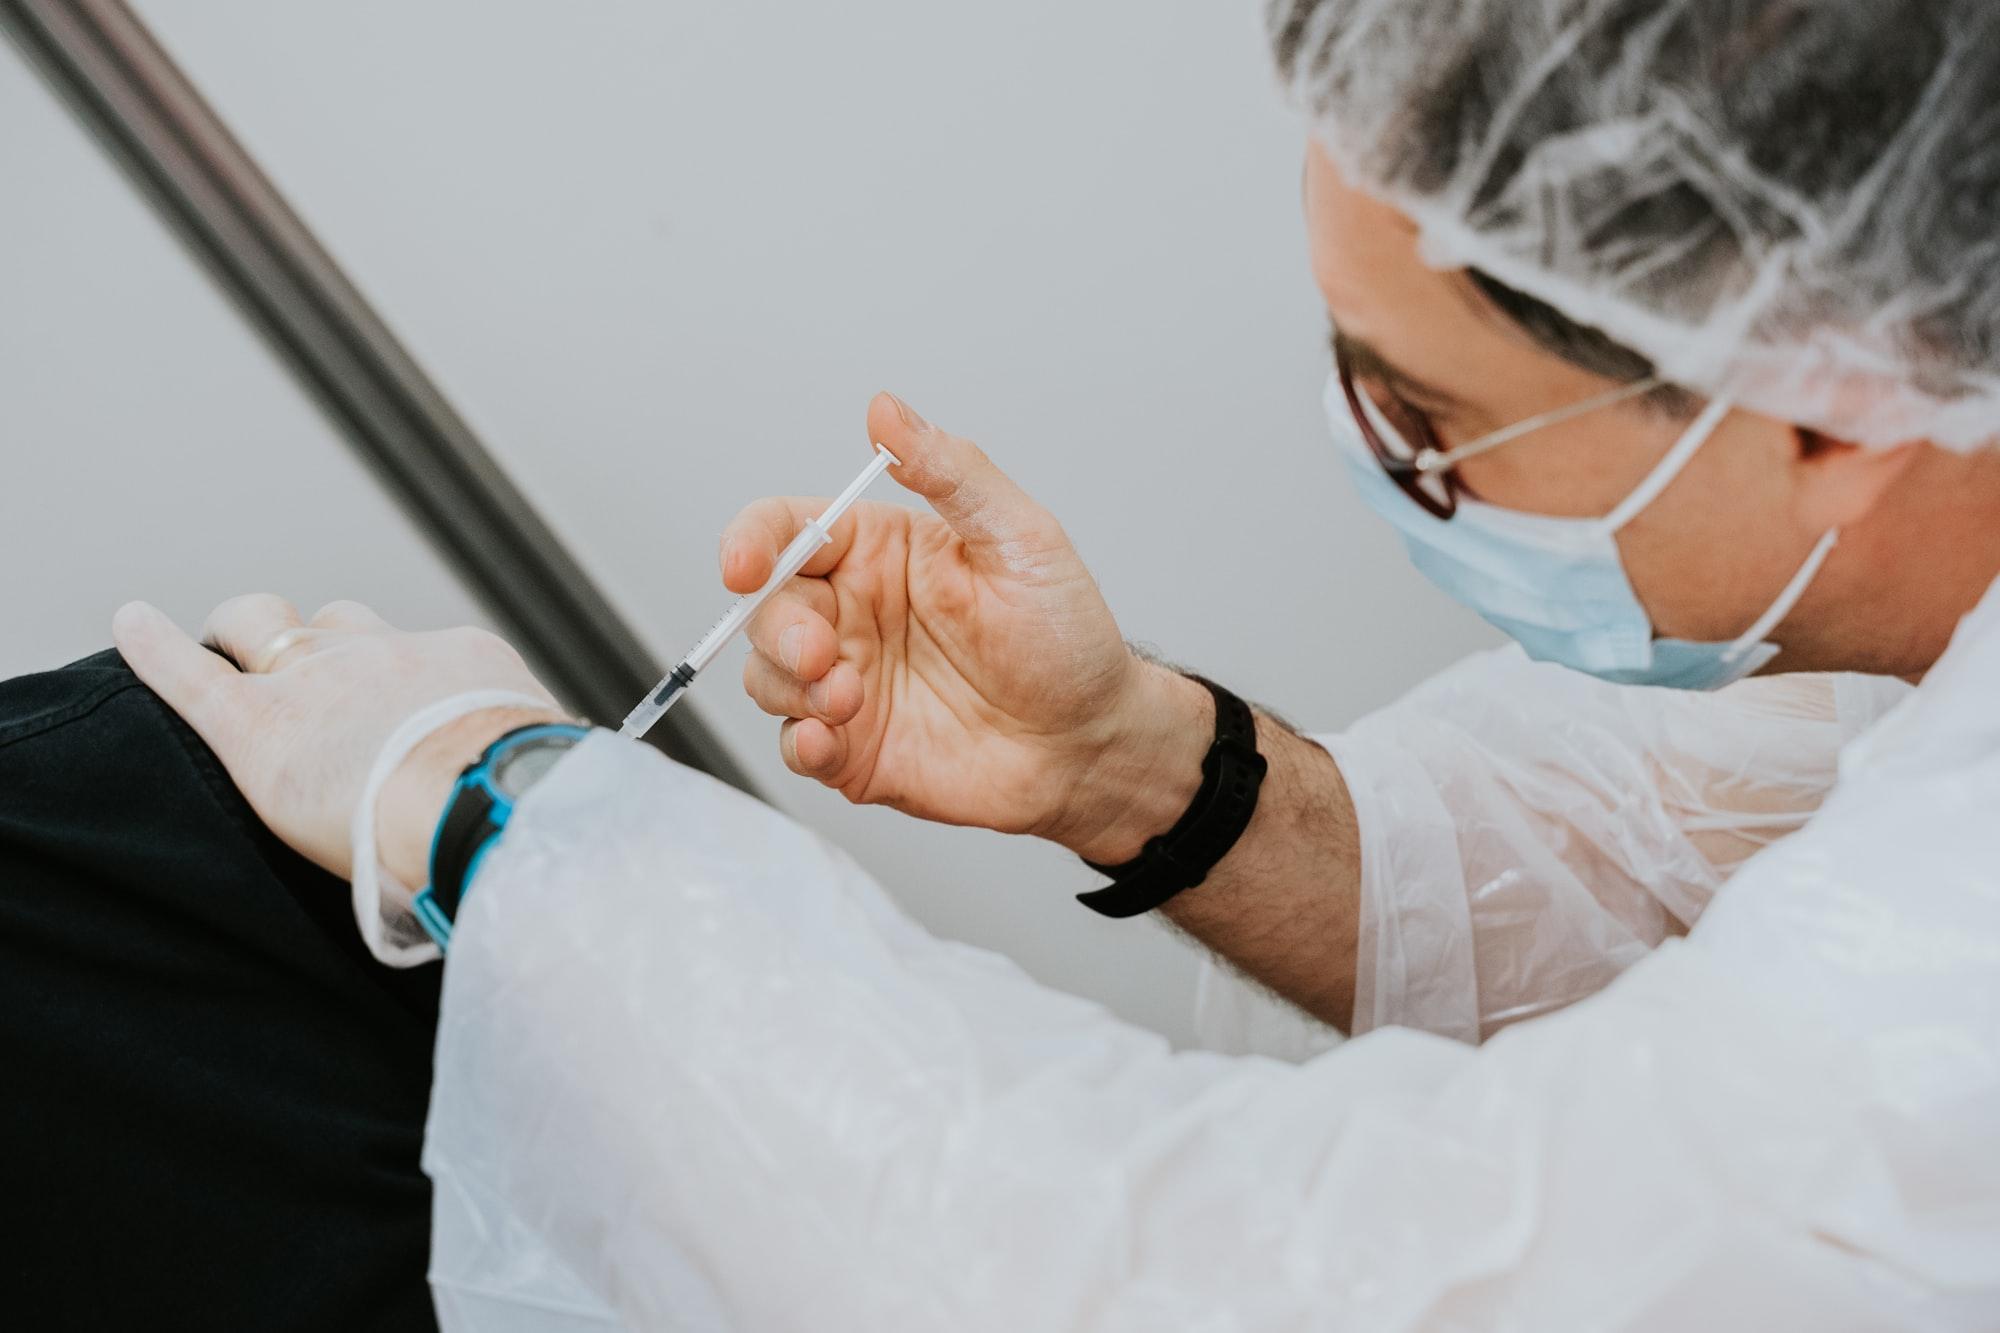 सऊदी अरब में टीका लगवा चुके भारतीयों को वापस आने के लिए मिली यह छूट